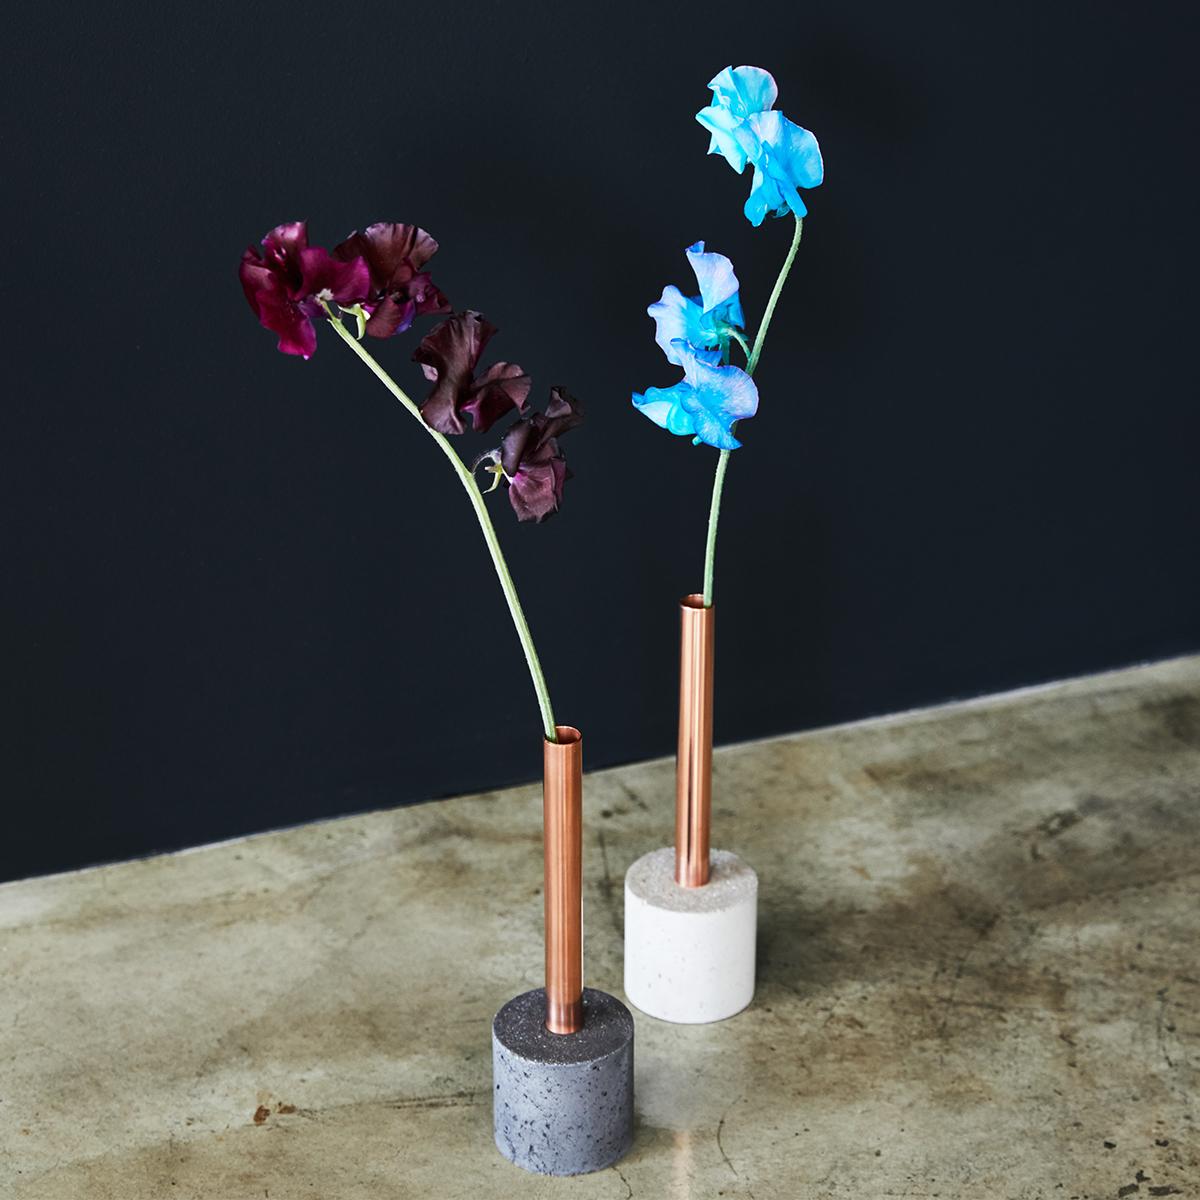 何でもない日に、自分のために花を買う。気軽にはじめる楽しさがある『BULBOUS』の花器。無造作に挿すだけで「絵」になる、銅管の一輪挿し・花瓶・フラワーベース|BULBOUS